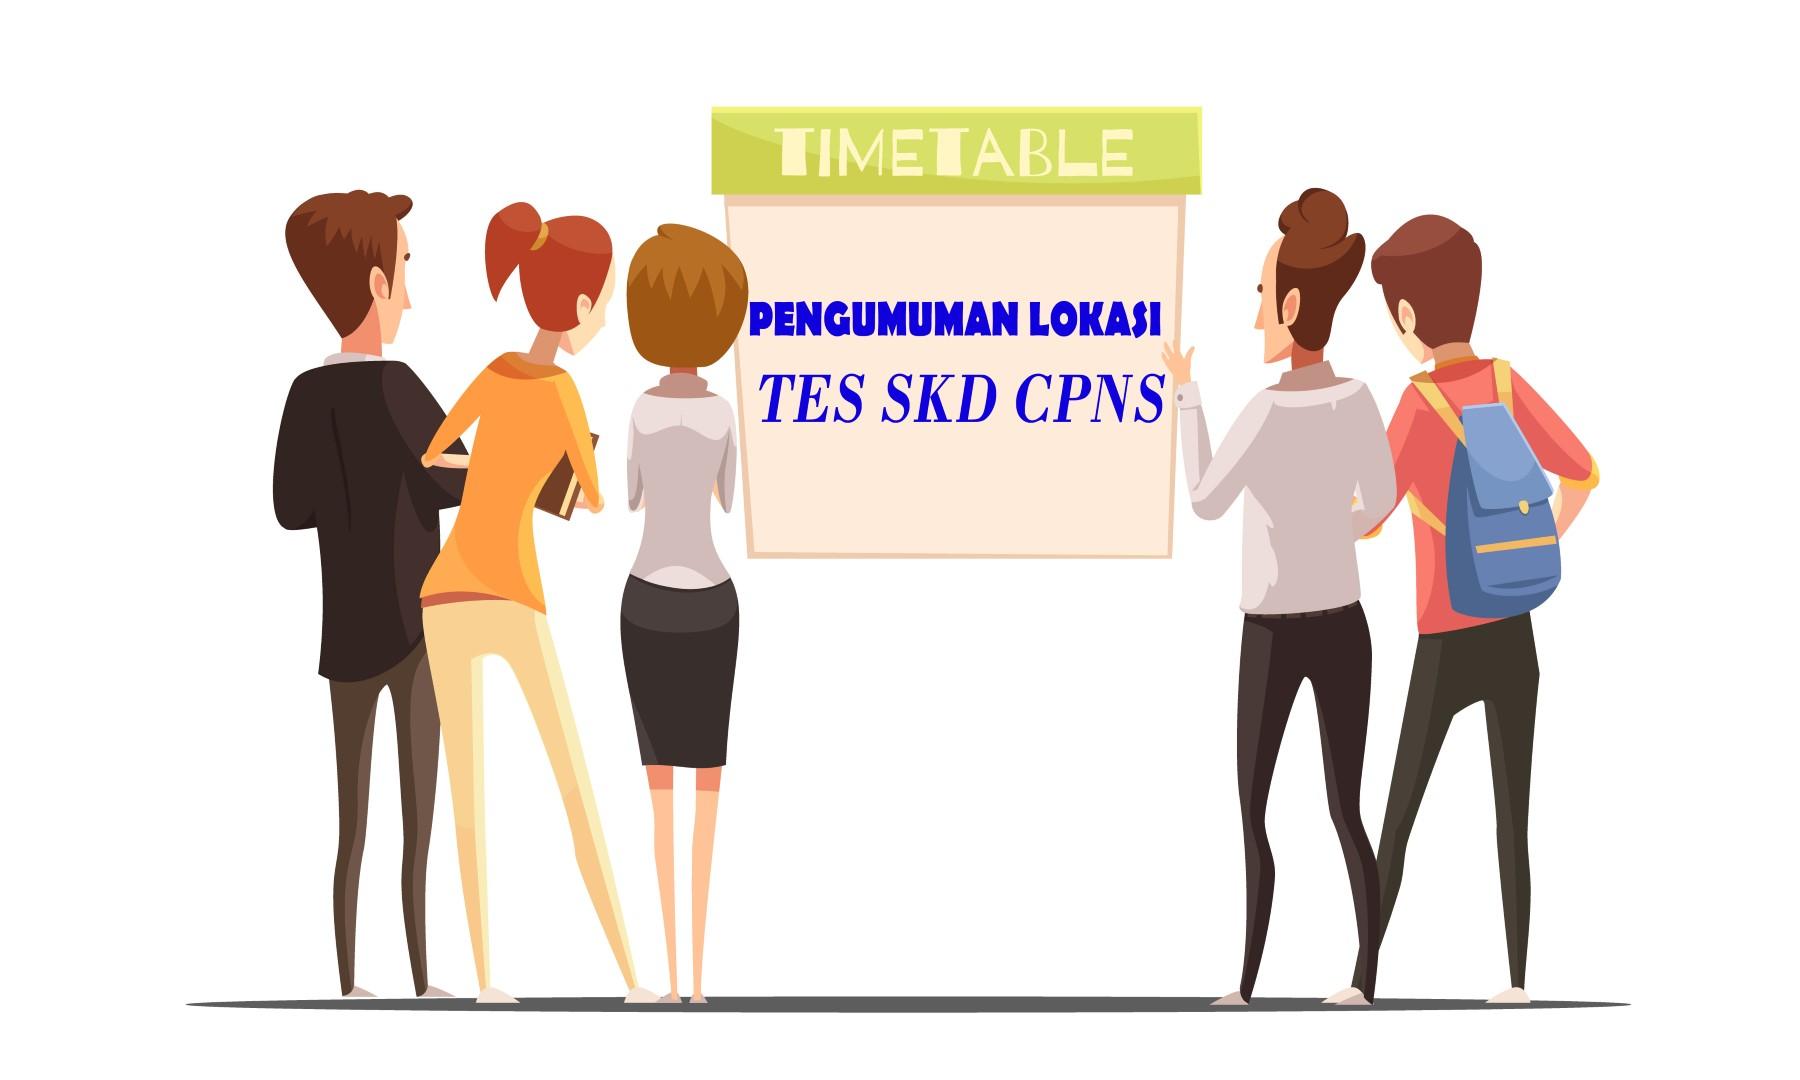 Pengumuman Lokasi Tes SKD CPNS